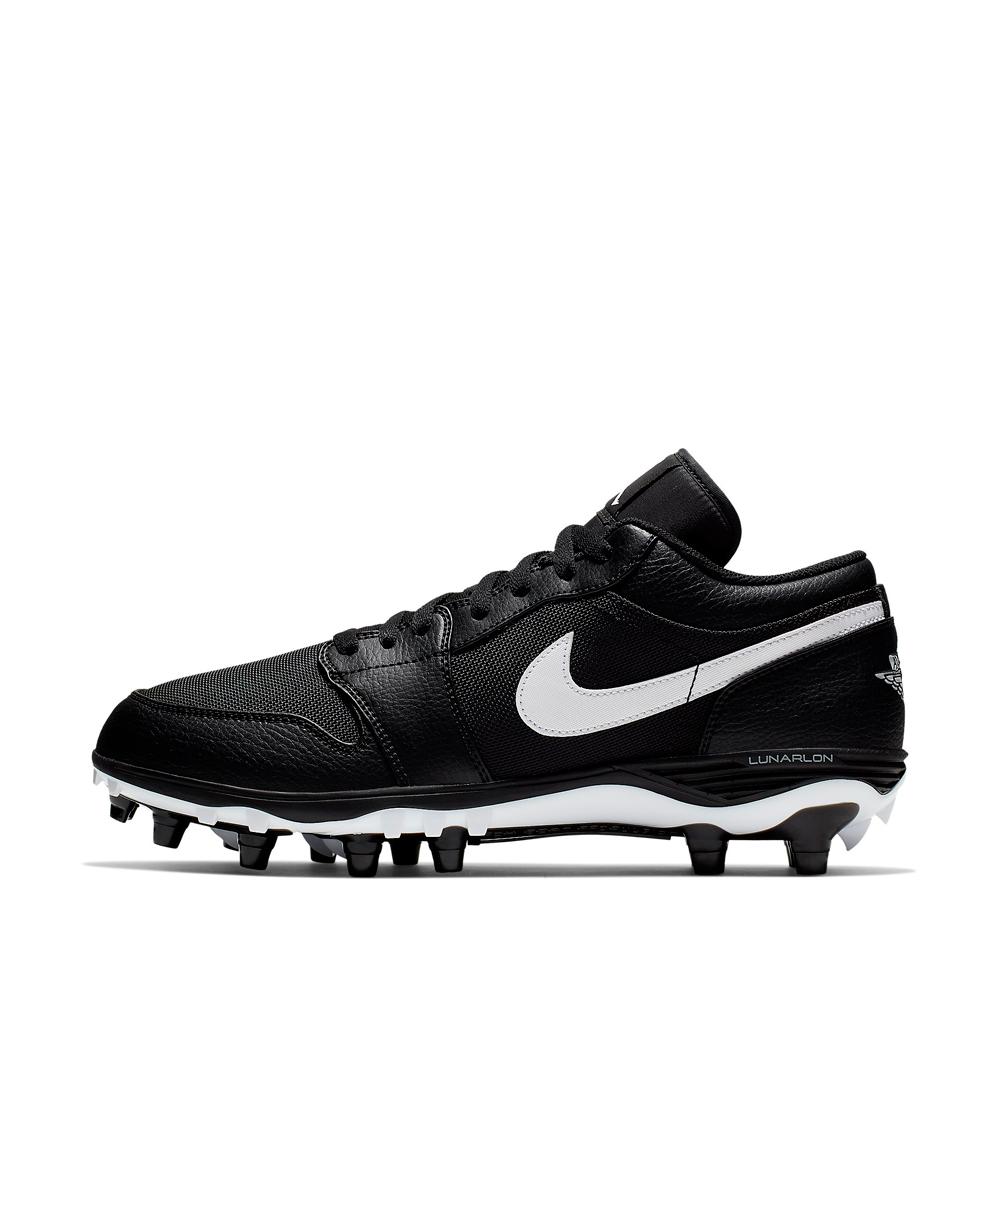 Ropa, calzado y accesorios Nike. La marca americana